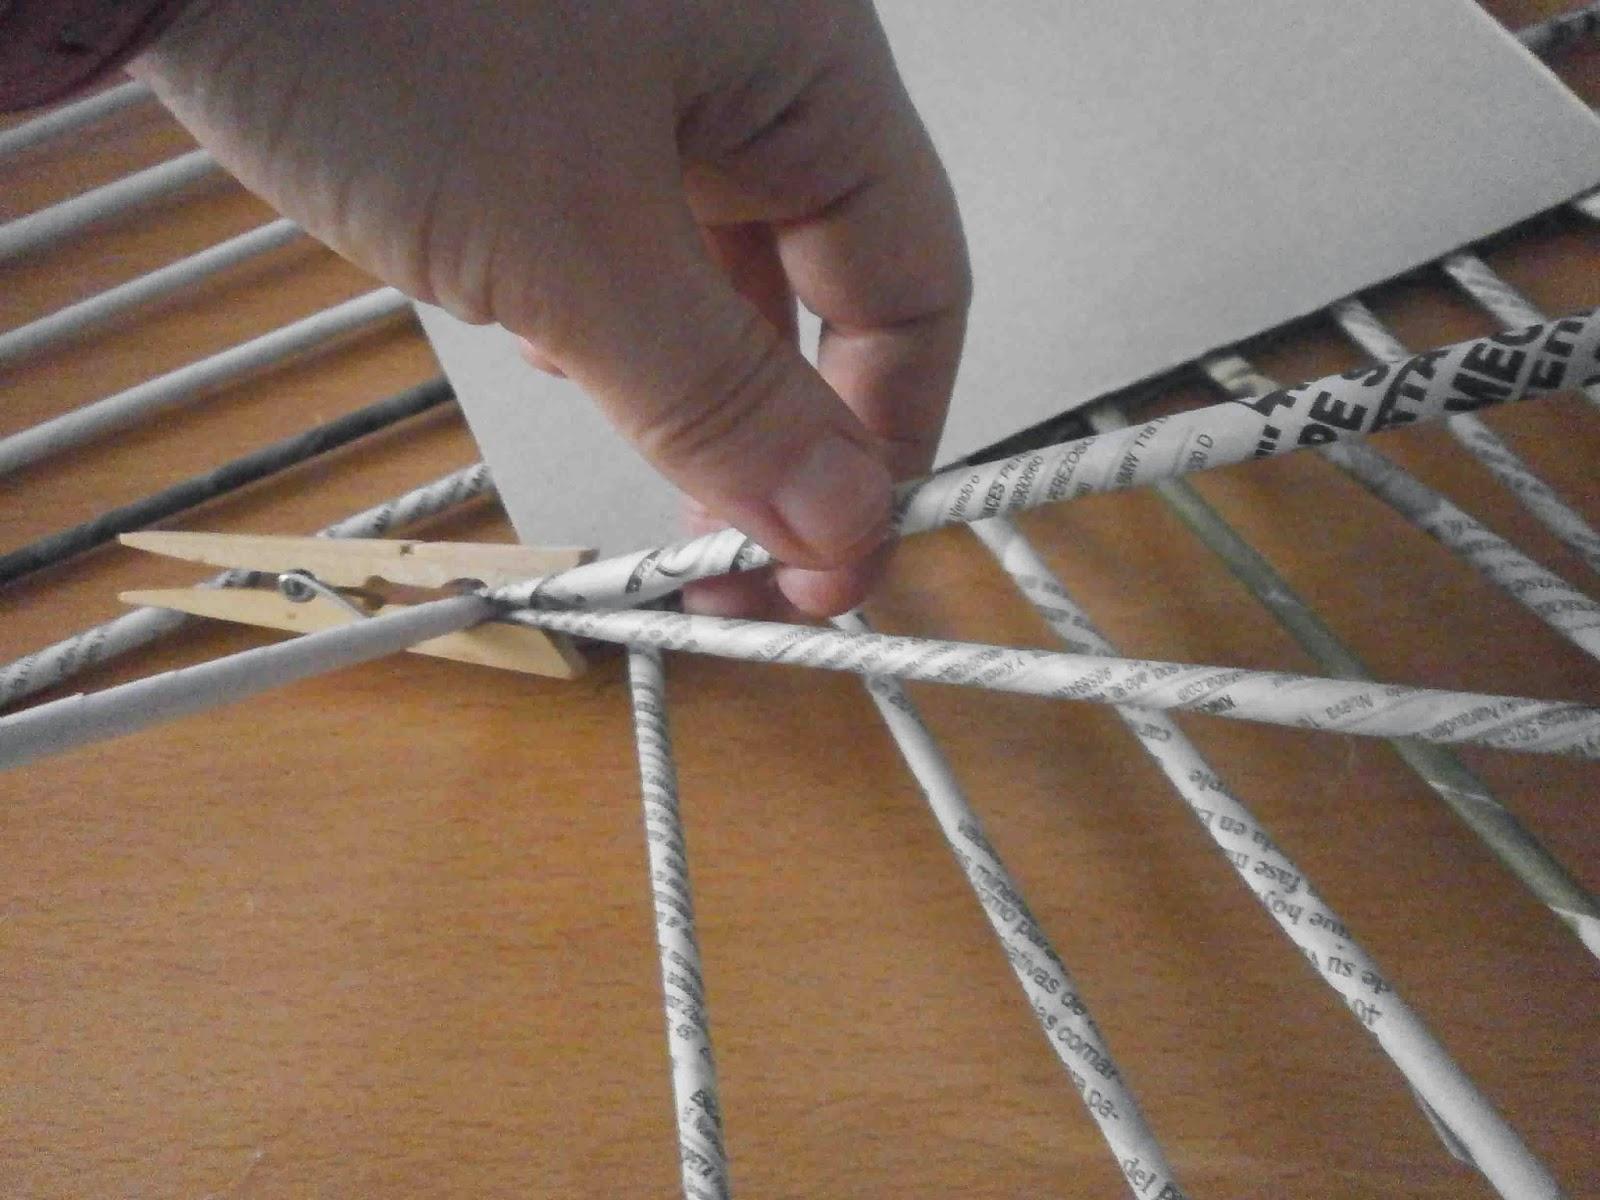 Manualidades herme diy como hacer una cesta de papel de - Como hacer cosas de papel paso a paso faciles ...